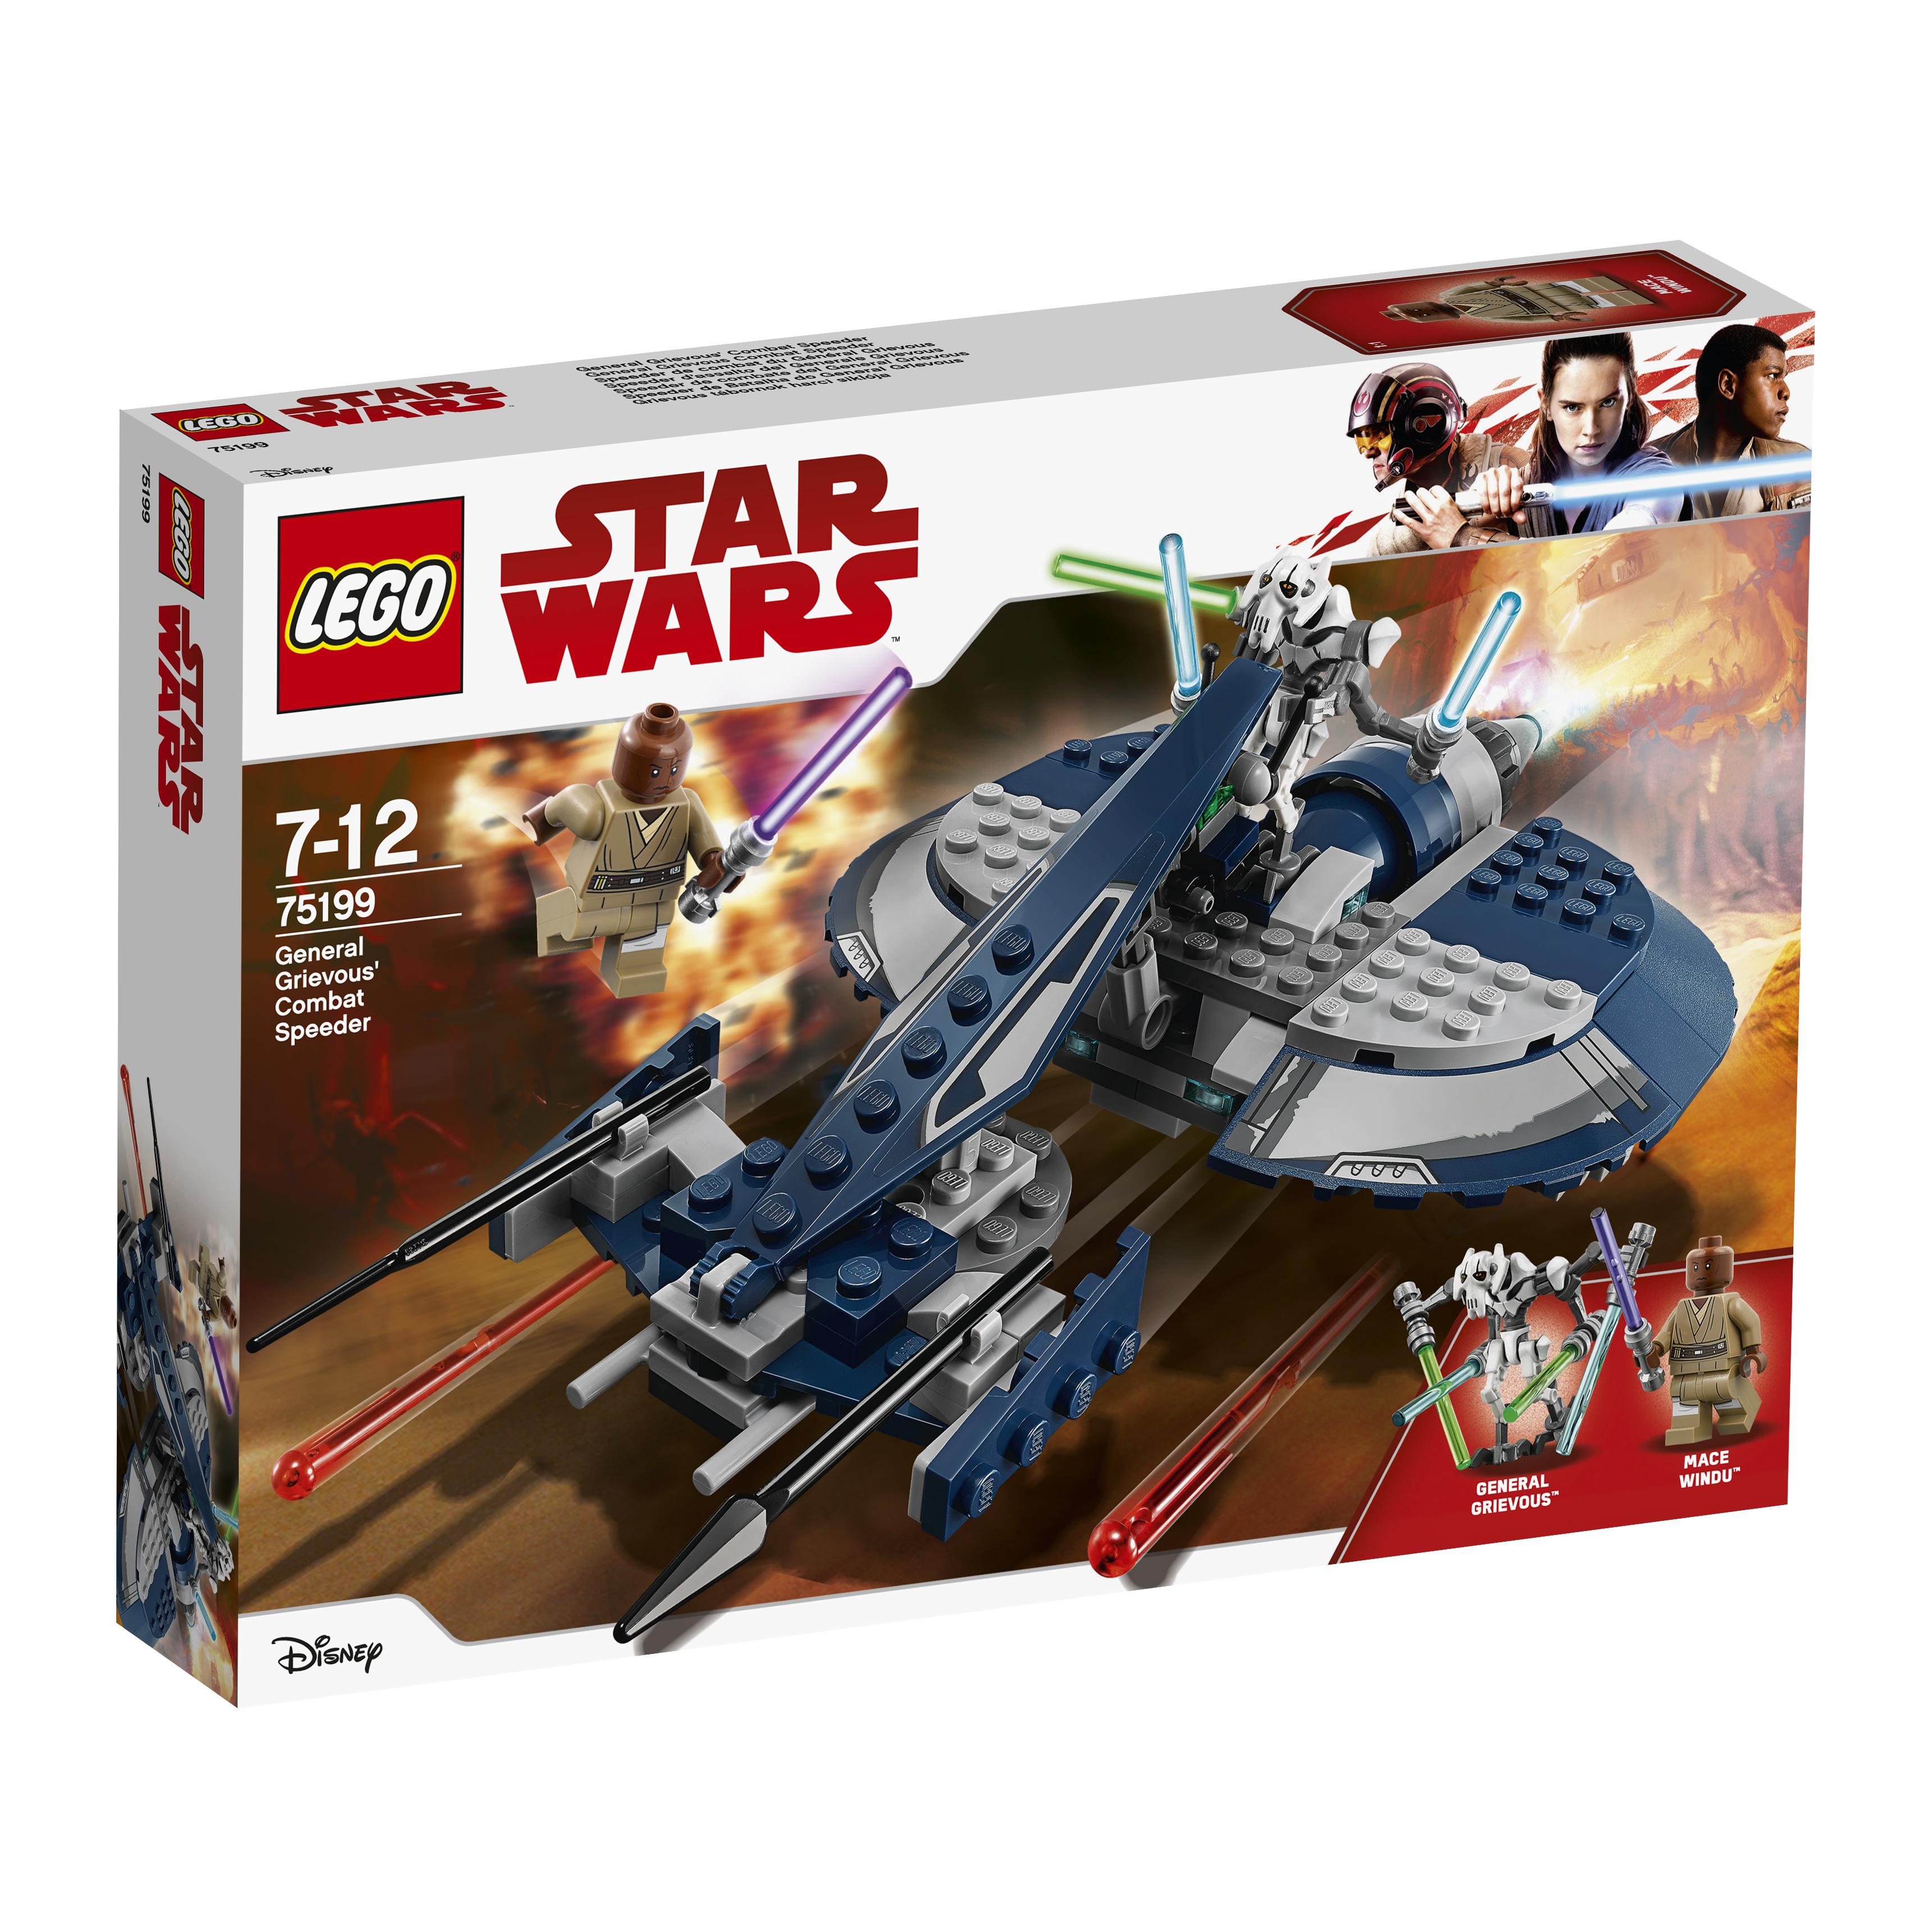 Конструктор LEGO Star Wars 75199 Боевой спидер генерала Гривуса цена